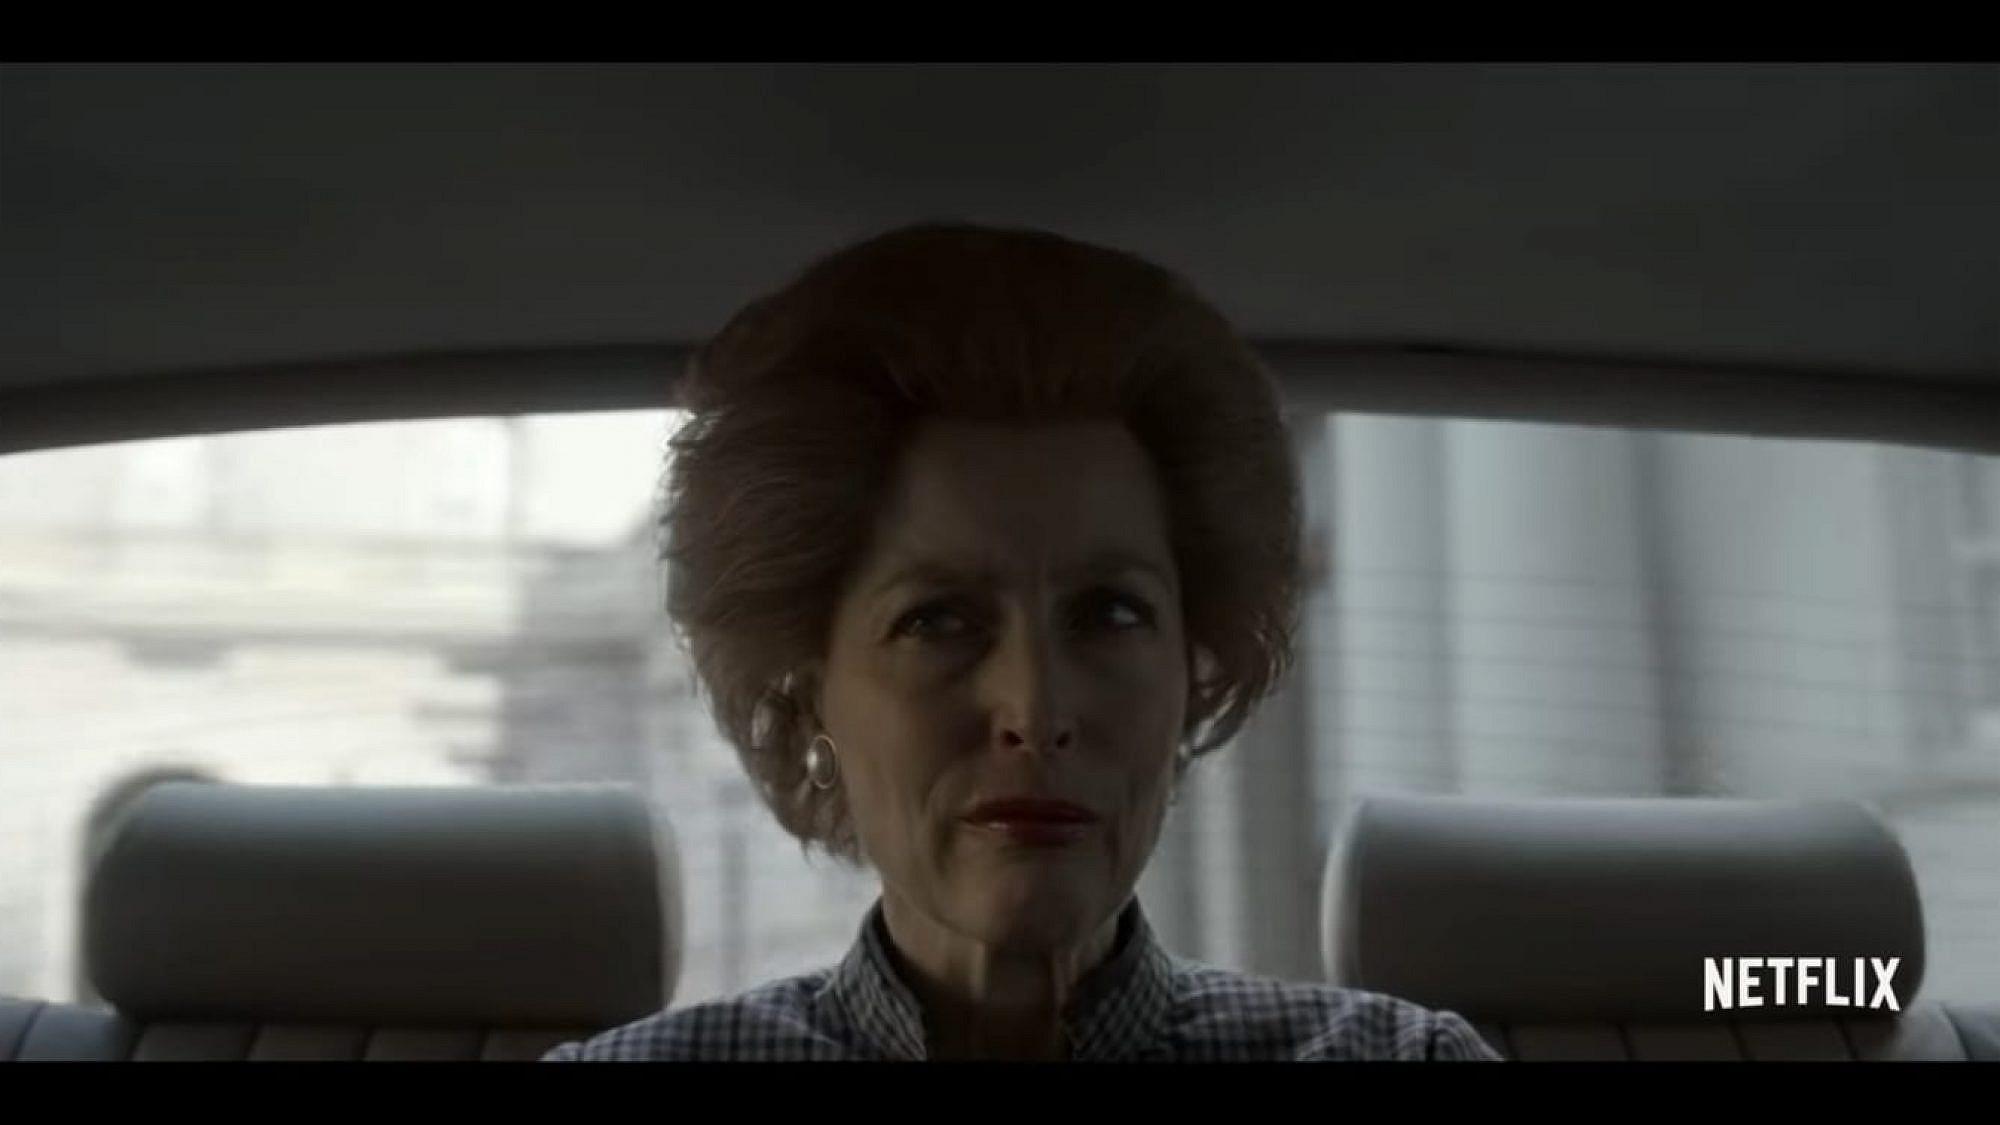 מתוך 'הכתר' עונה 4 של נטפליקס